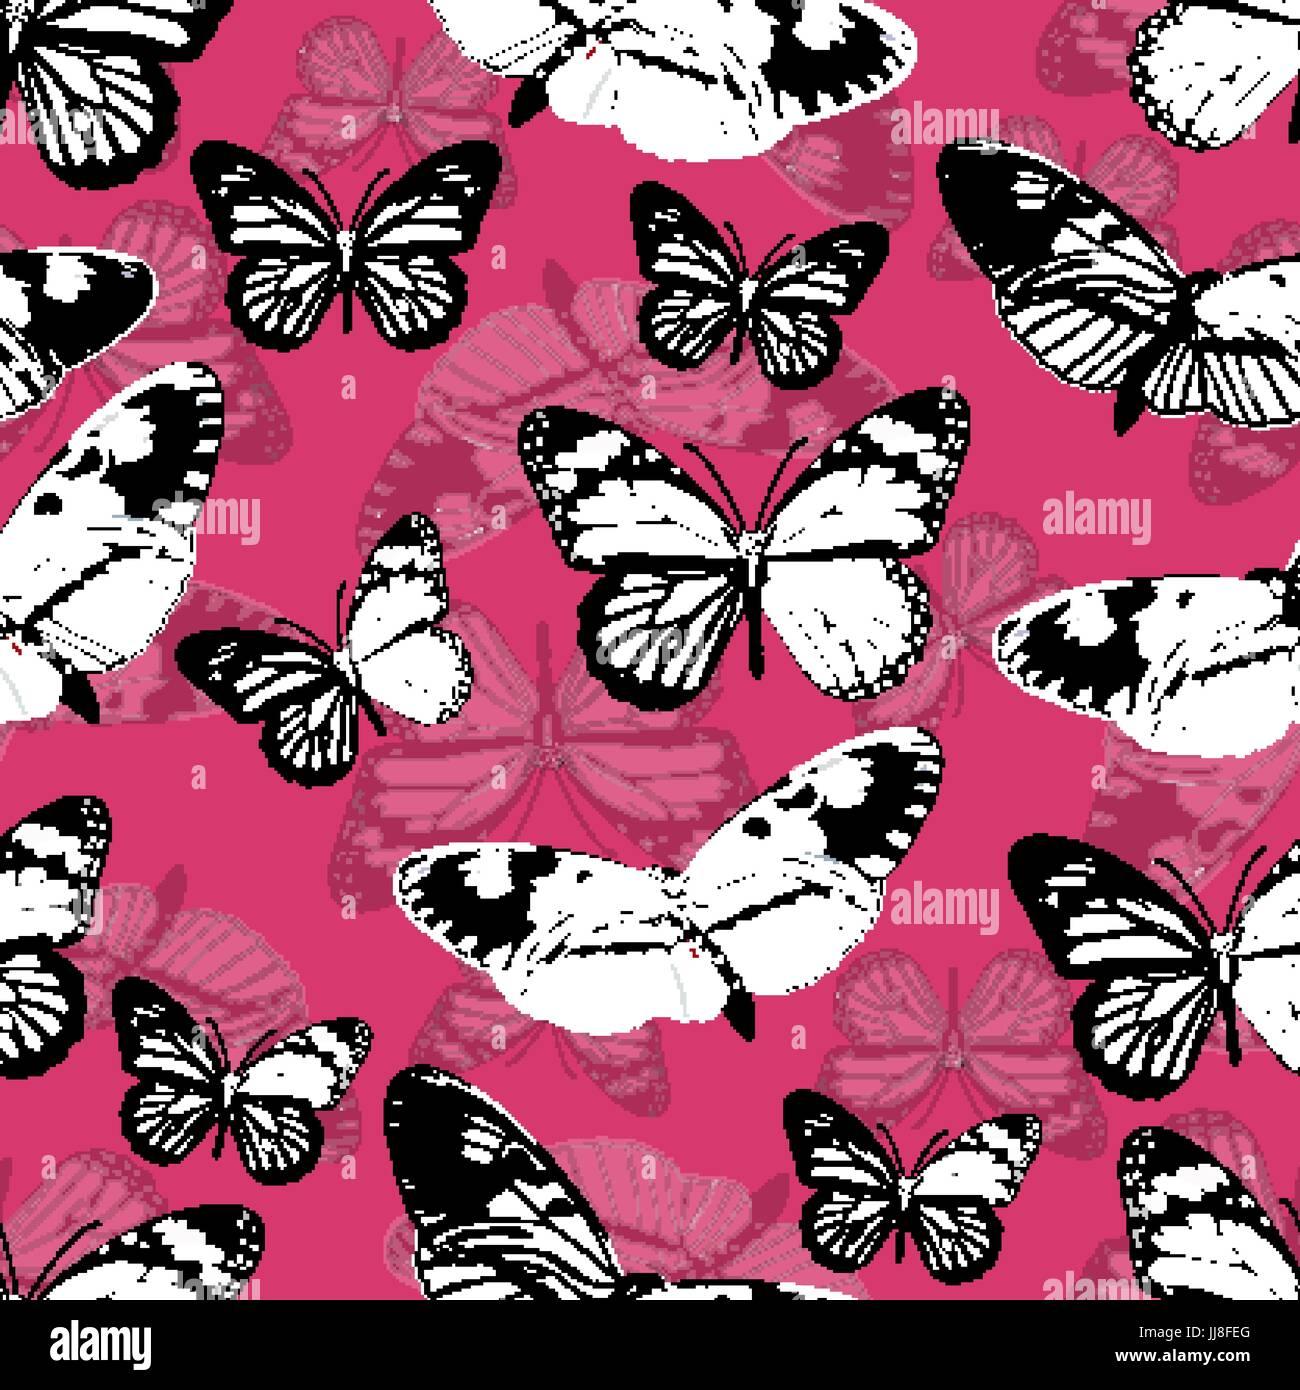 Farfalle Seamless Pattern Monocromatico Sfondo Vettoriale In